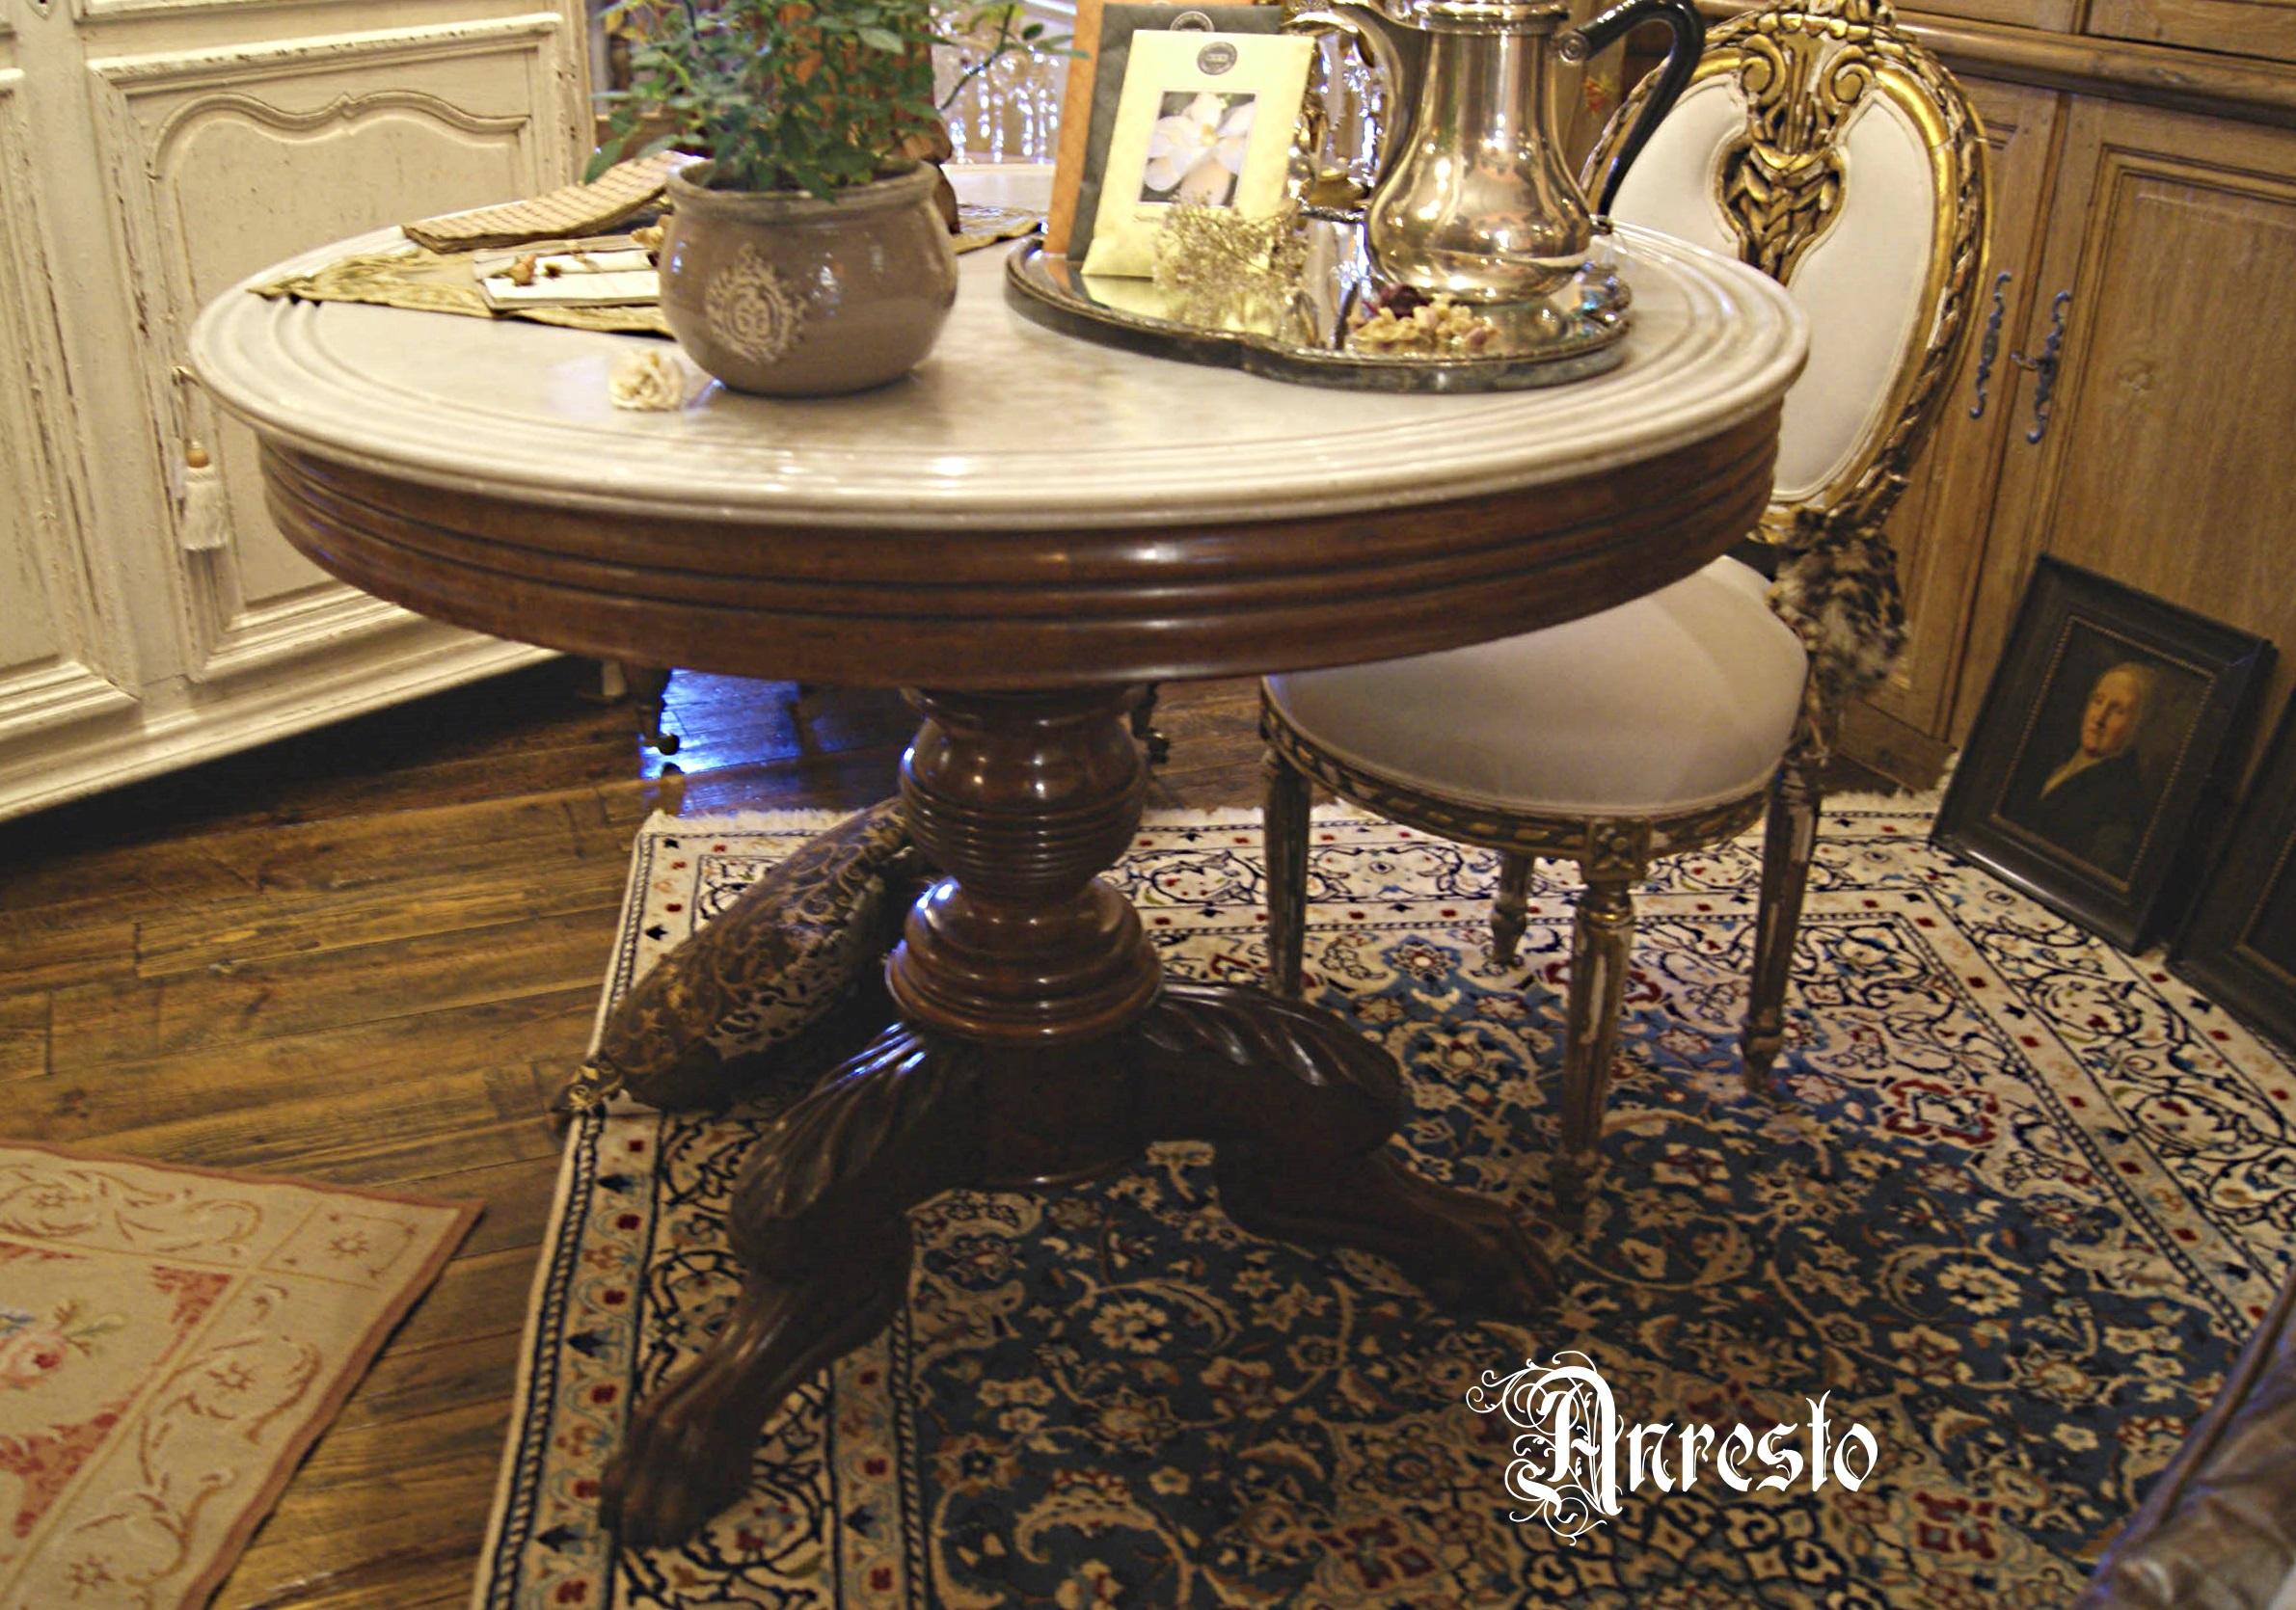 Biedermeier Tafel Met Stoelen.Antieke Kasteeltafel Met Wit Marmeren Blad Interieur Antiek Bij Anresto